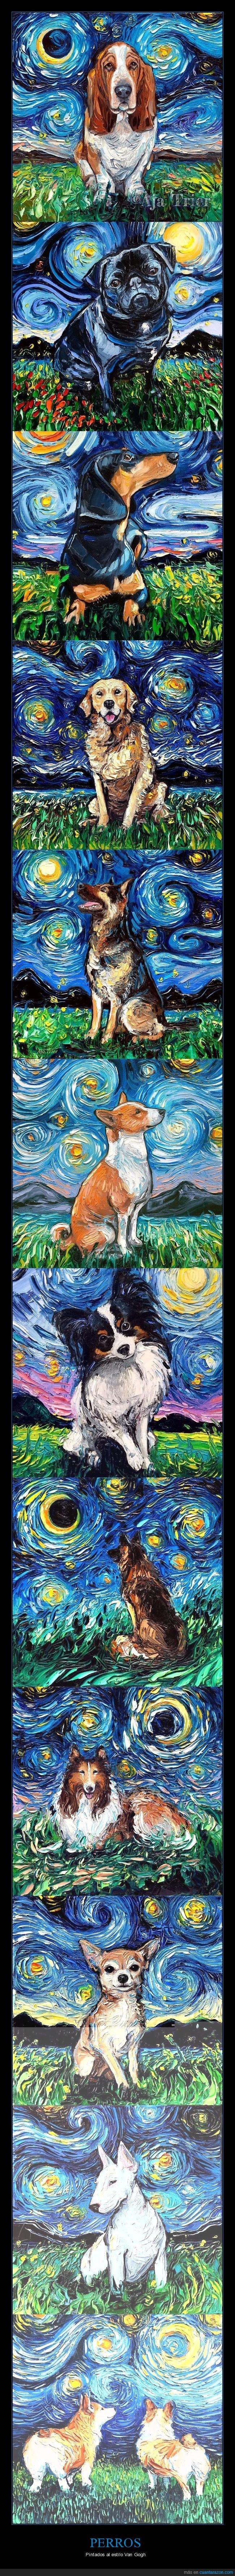 la noche estrellada,perros,pinturas,van gogh